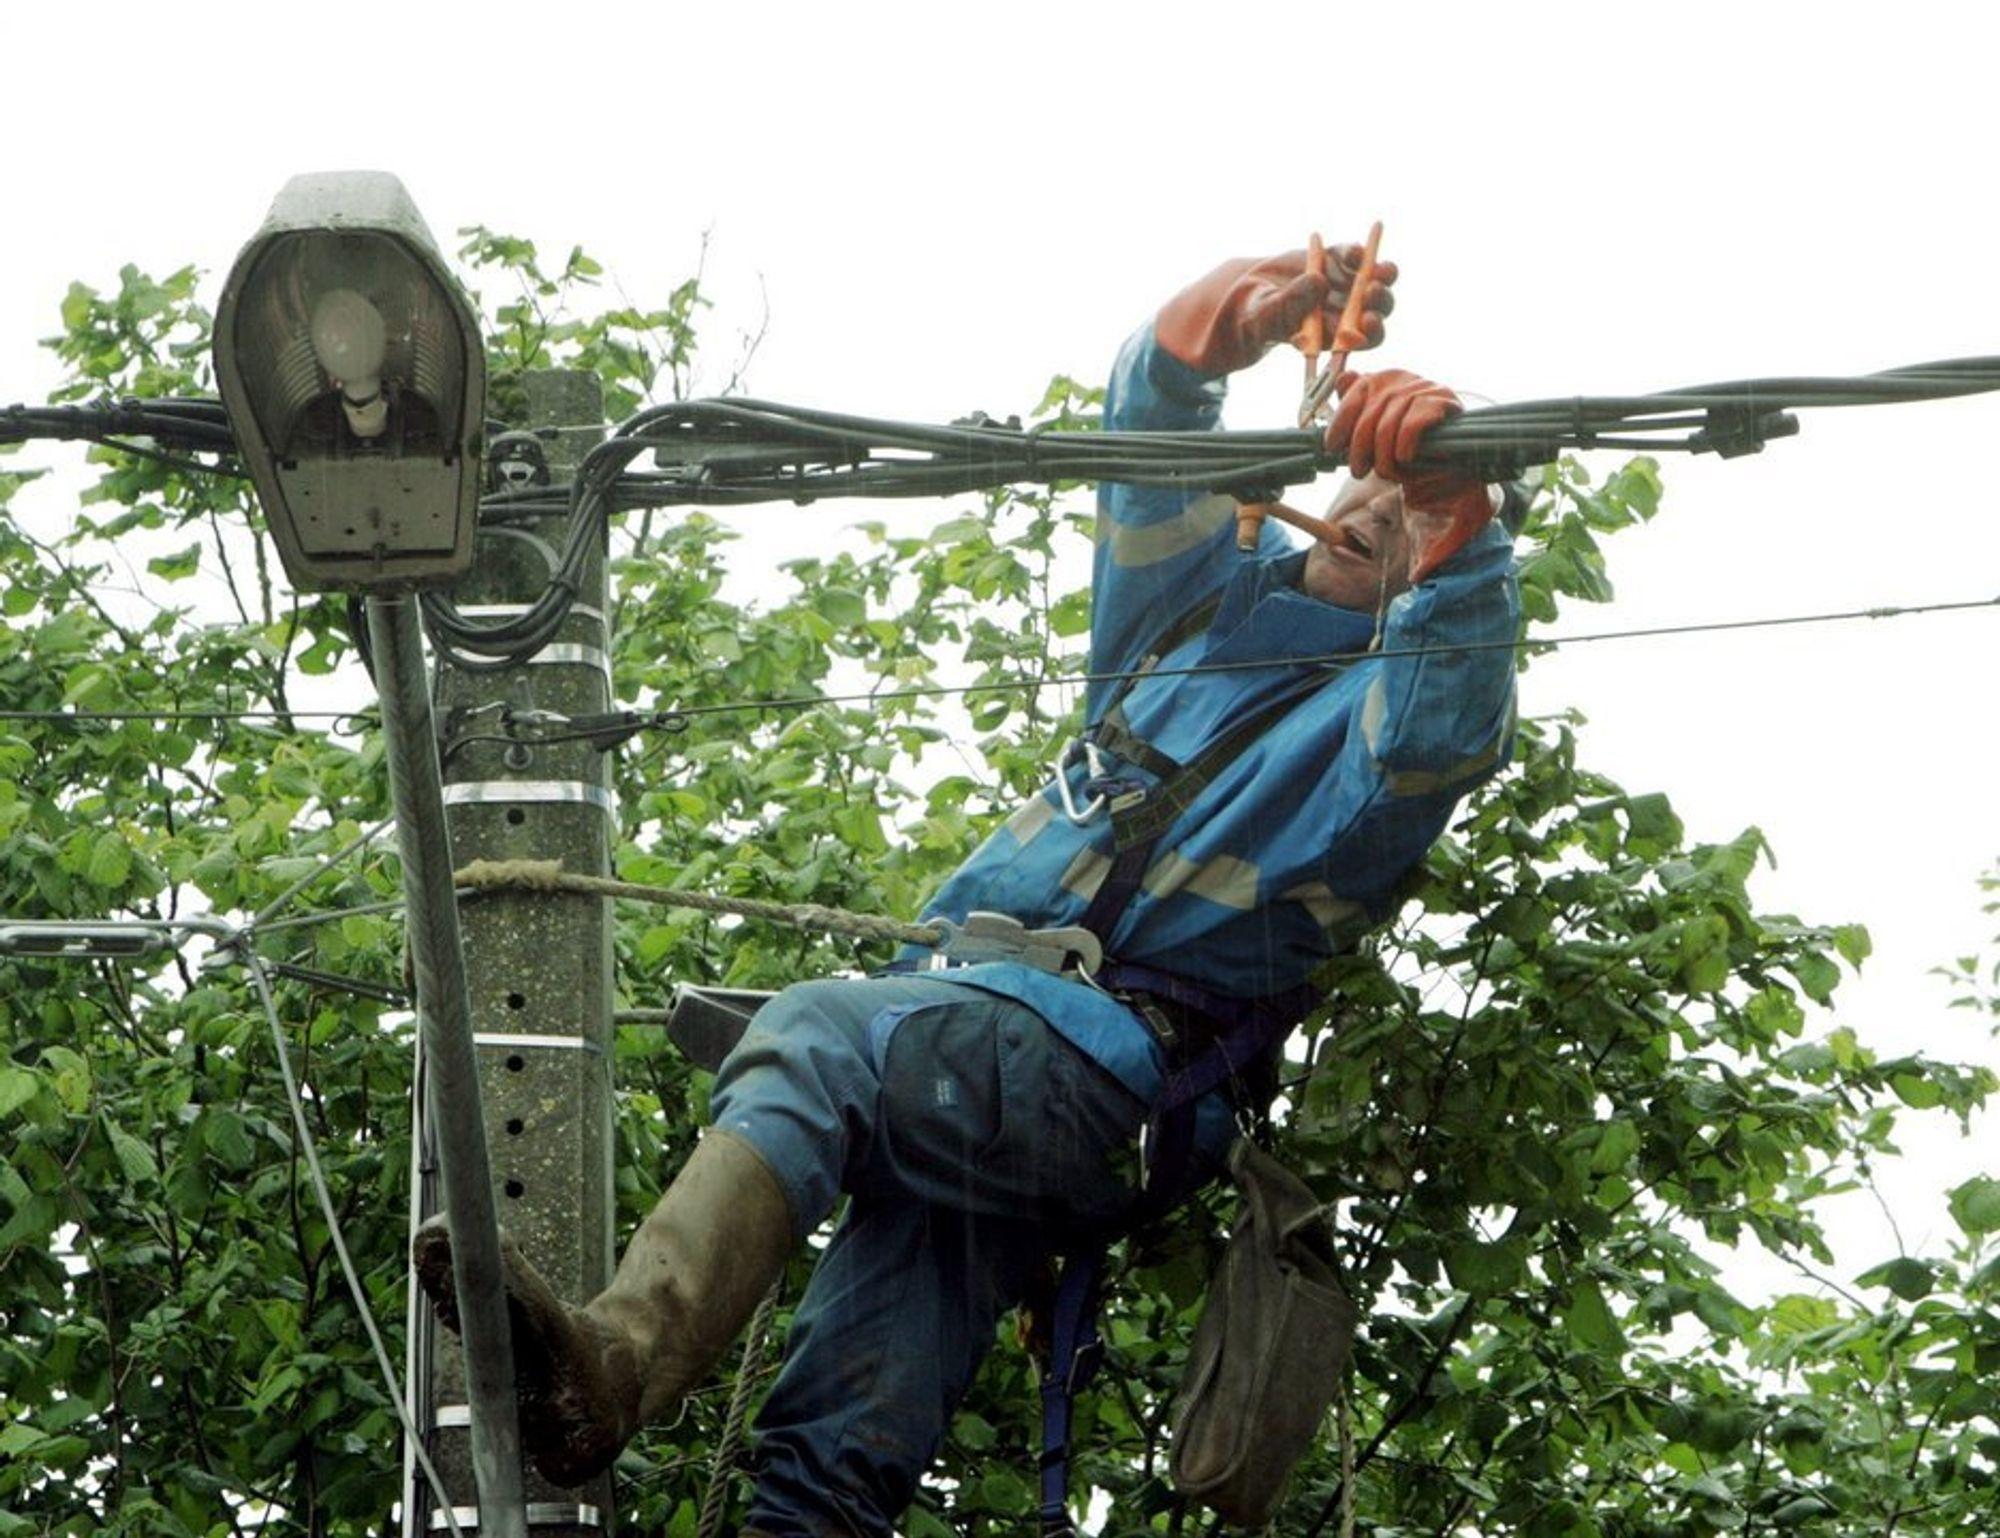 MÅ VEDLIKEHOLDE UANSETT: Alle kraftlinjer et kraftselskap har konsesjon for å bruke, må vedlikeholdes på samme nivå som hovedkraftlinjen, slår NVE fast.